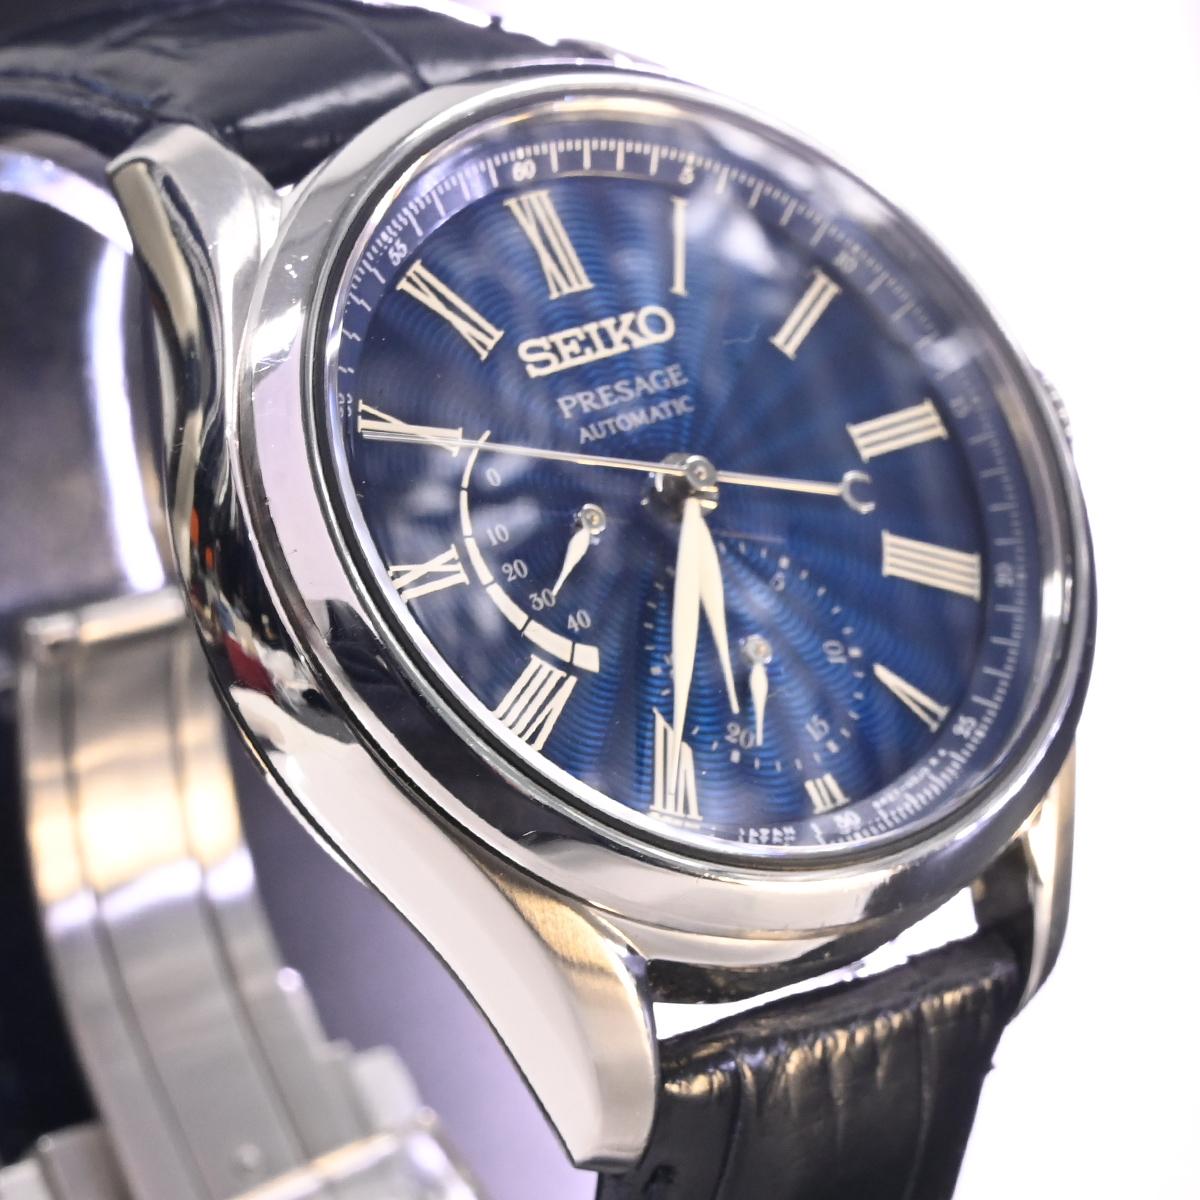 本物 美品 セイコー 限定品 SARW039 エナメル七宝文字盤 メカニカル プレサージュ メンズウォッチ 男性用自動巻腕時計 保証書 取説付 SEIKO_画像5